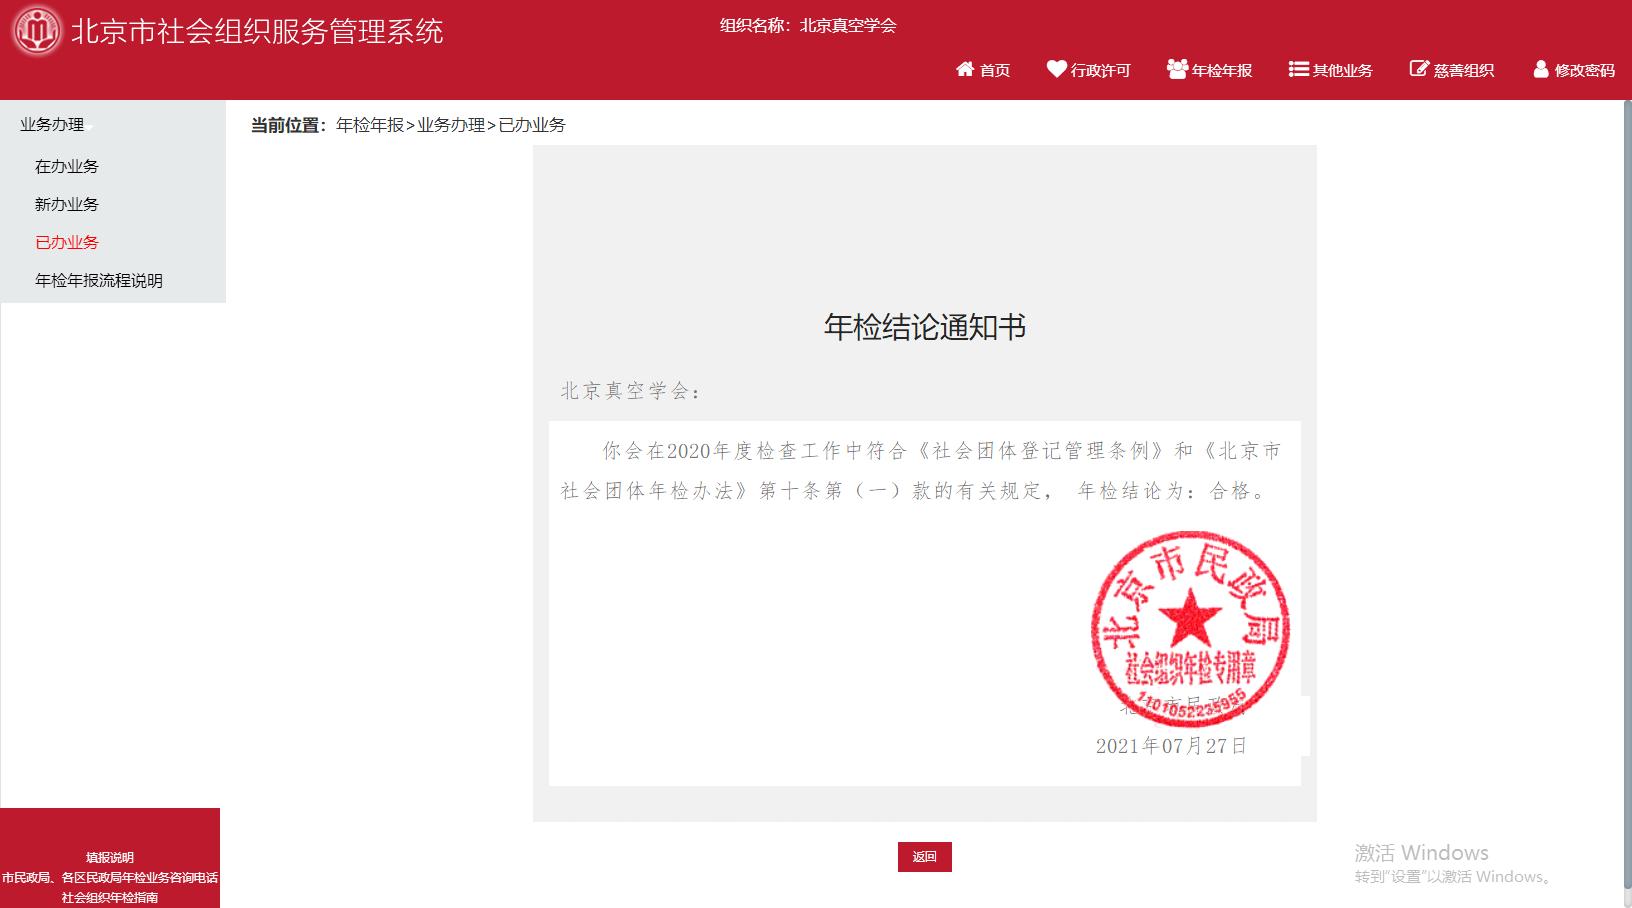 2020年北京真空学会年检结论